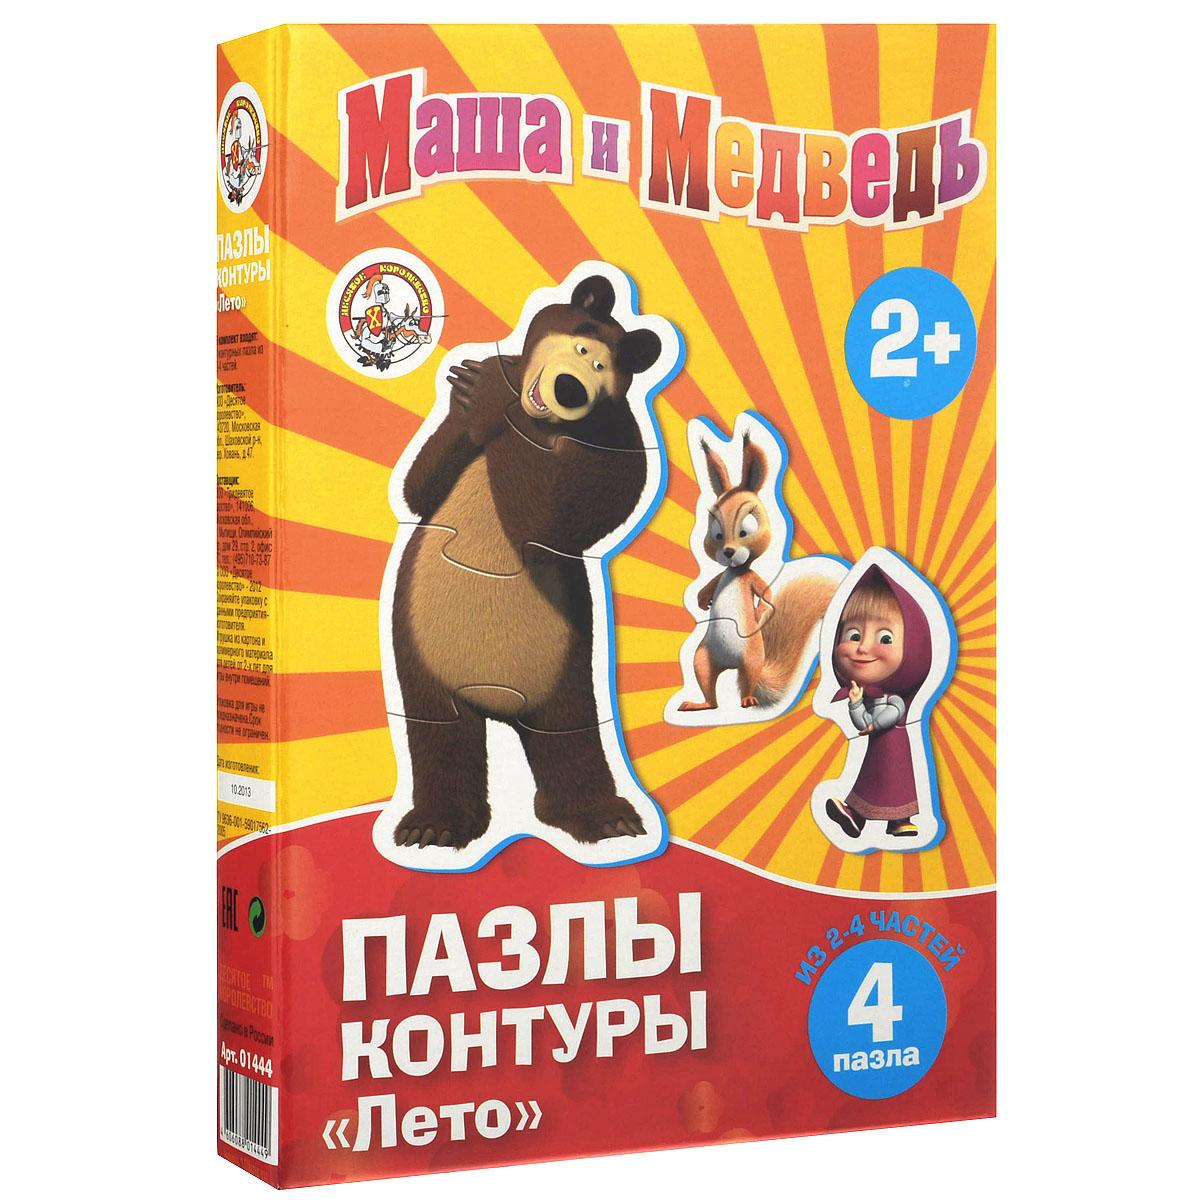 Маша и Медведь: Лето. Пазл-контур 4 в 1, 11 элементов развивающая игра пазл маша и медведь 4 элемента